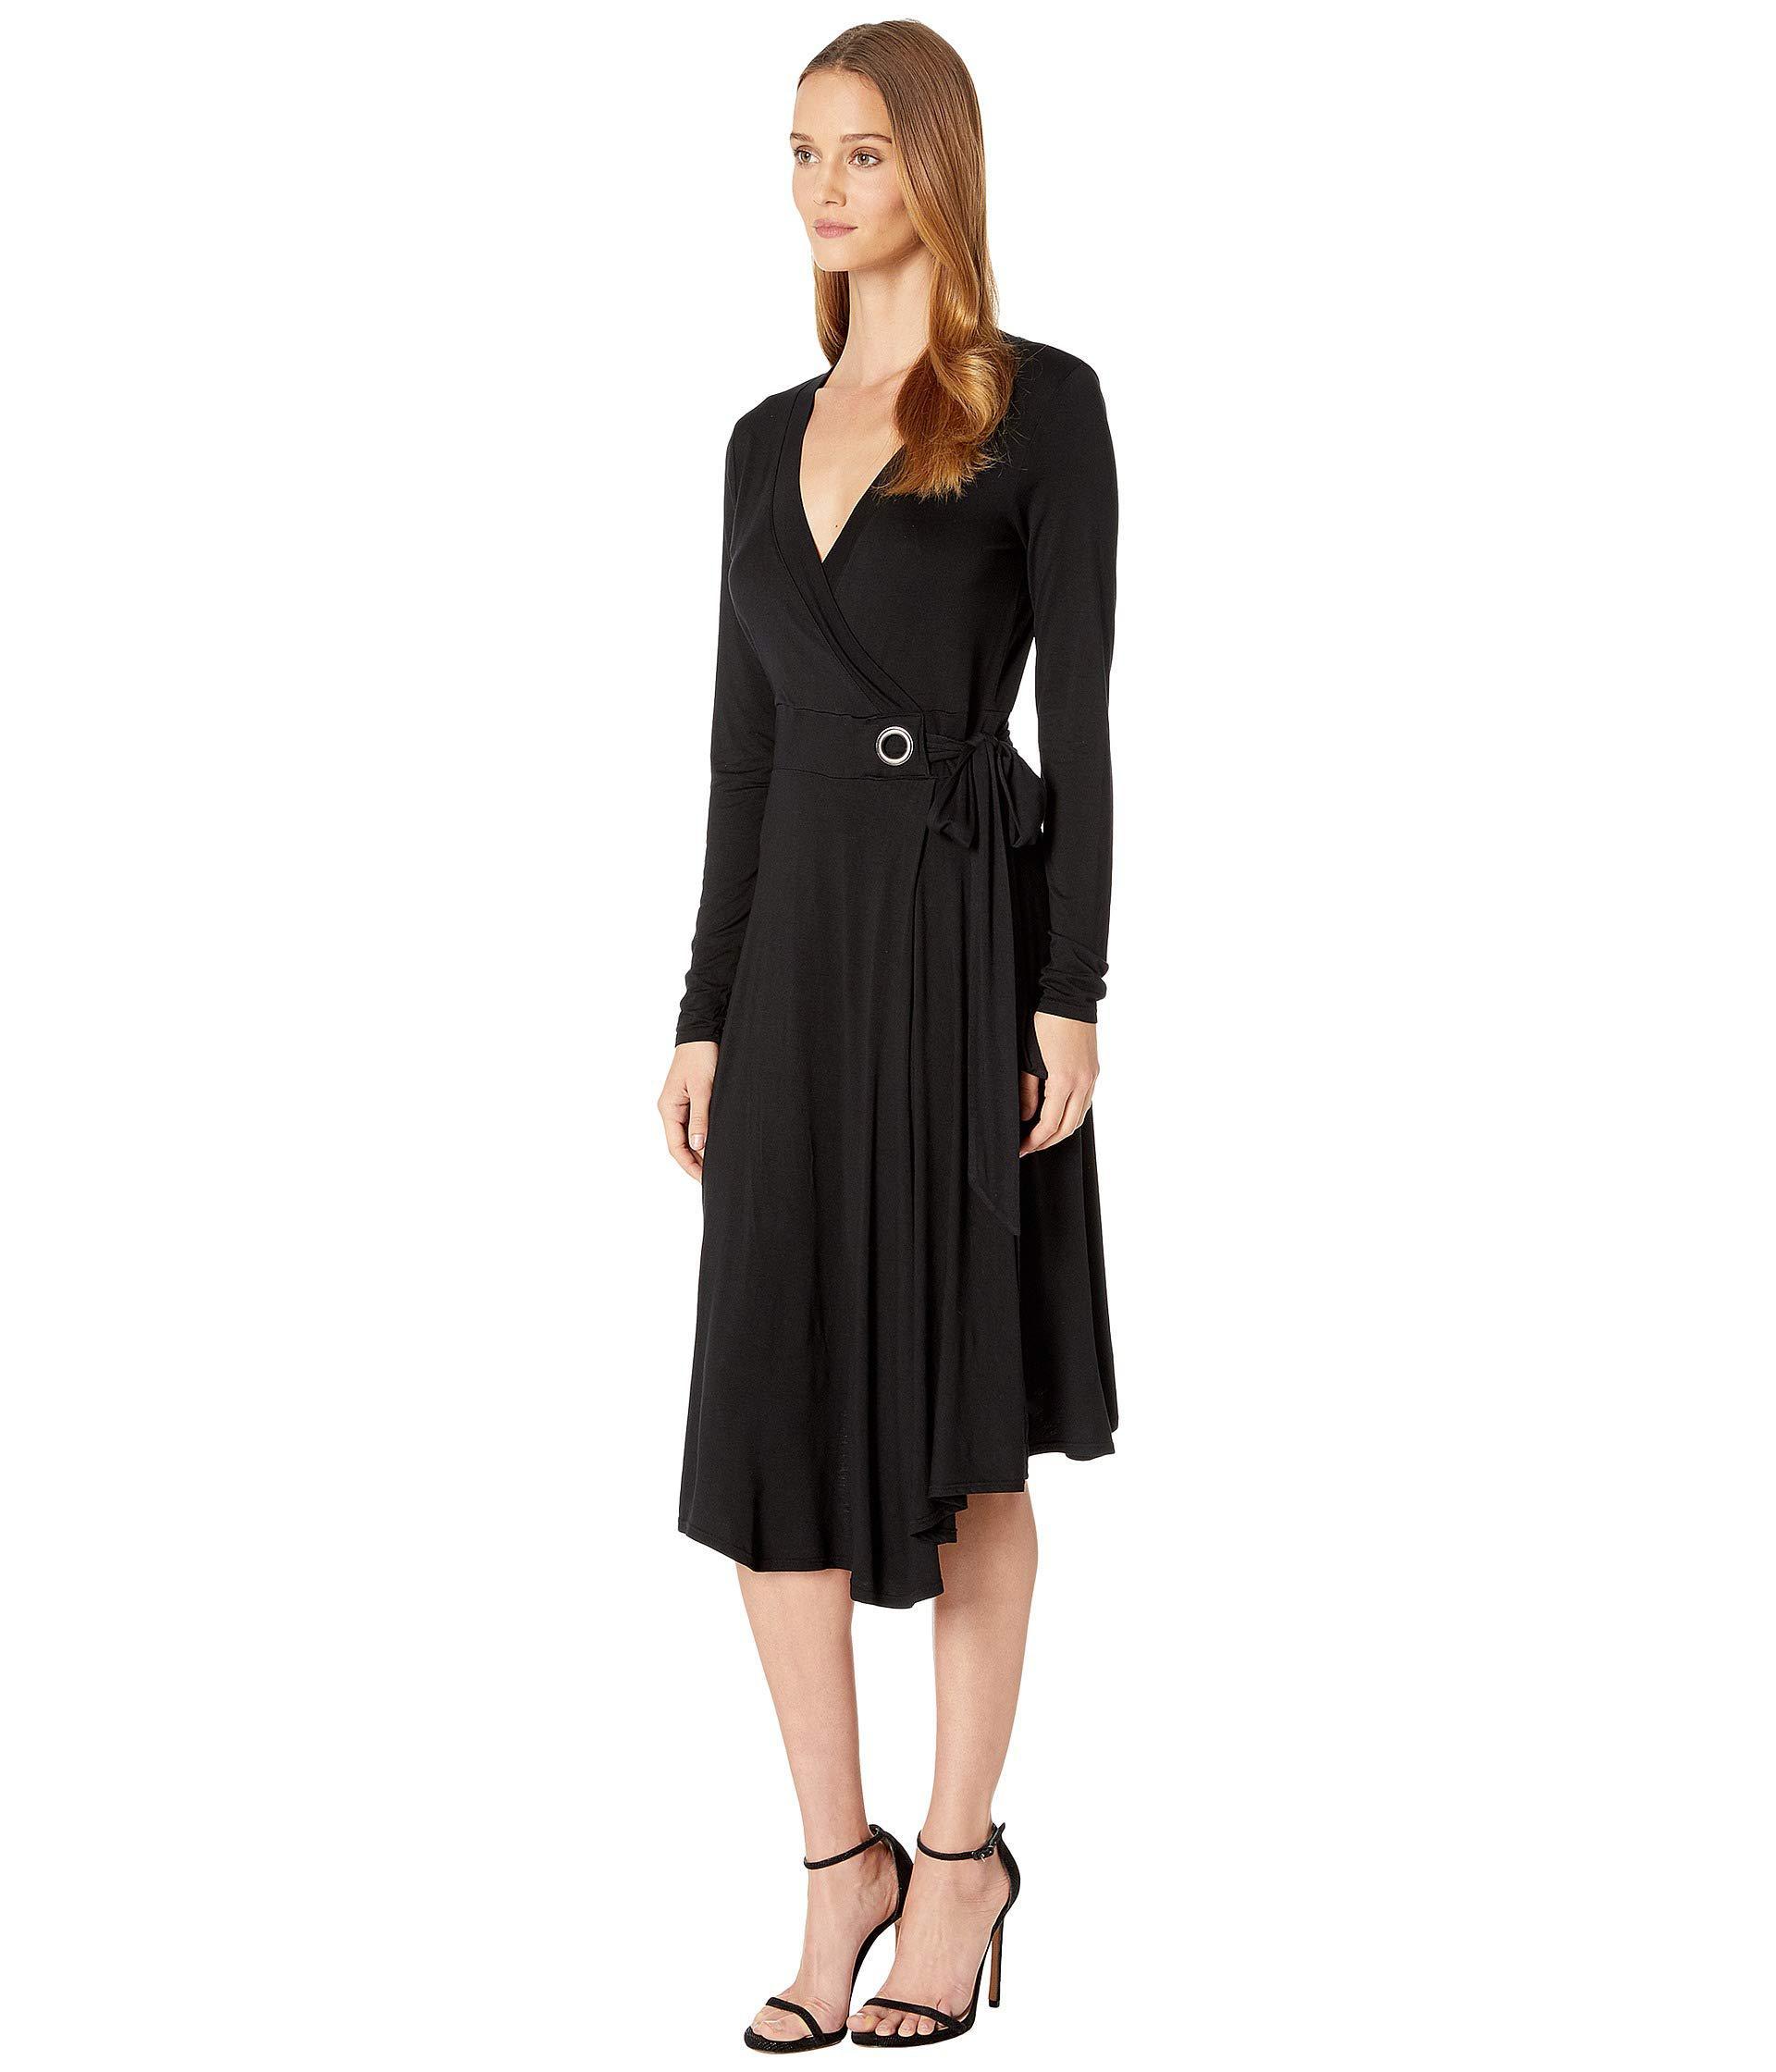 0894825e2a8 Lyst - Three Dots Refined Jersey Wrap Dress W  Grommet Detail (black)  Women s Dress in Black - Save 4%